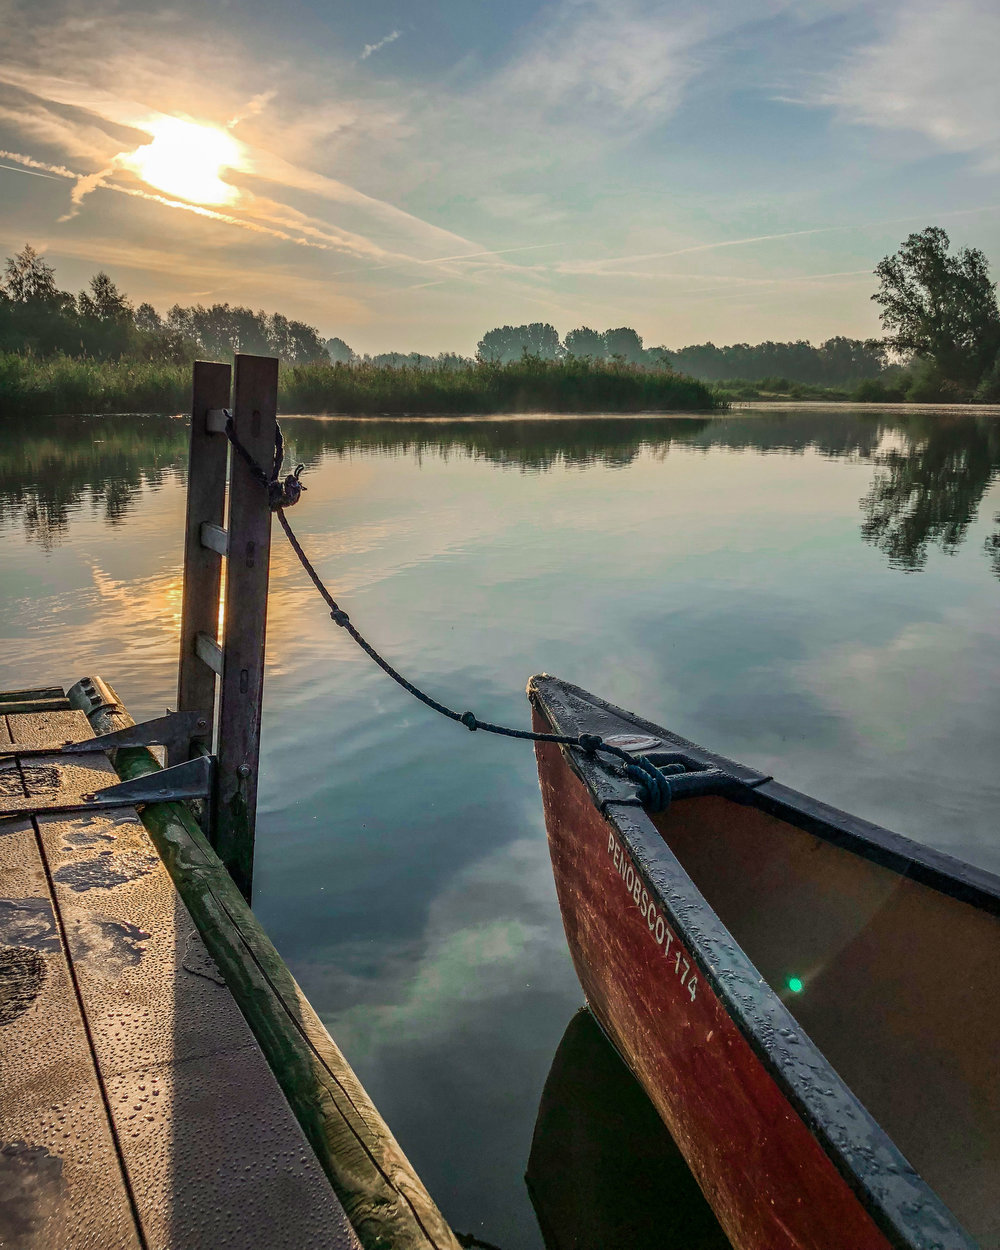 kano aan kampeervlot